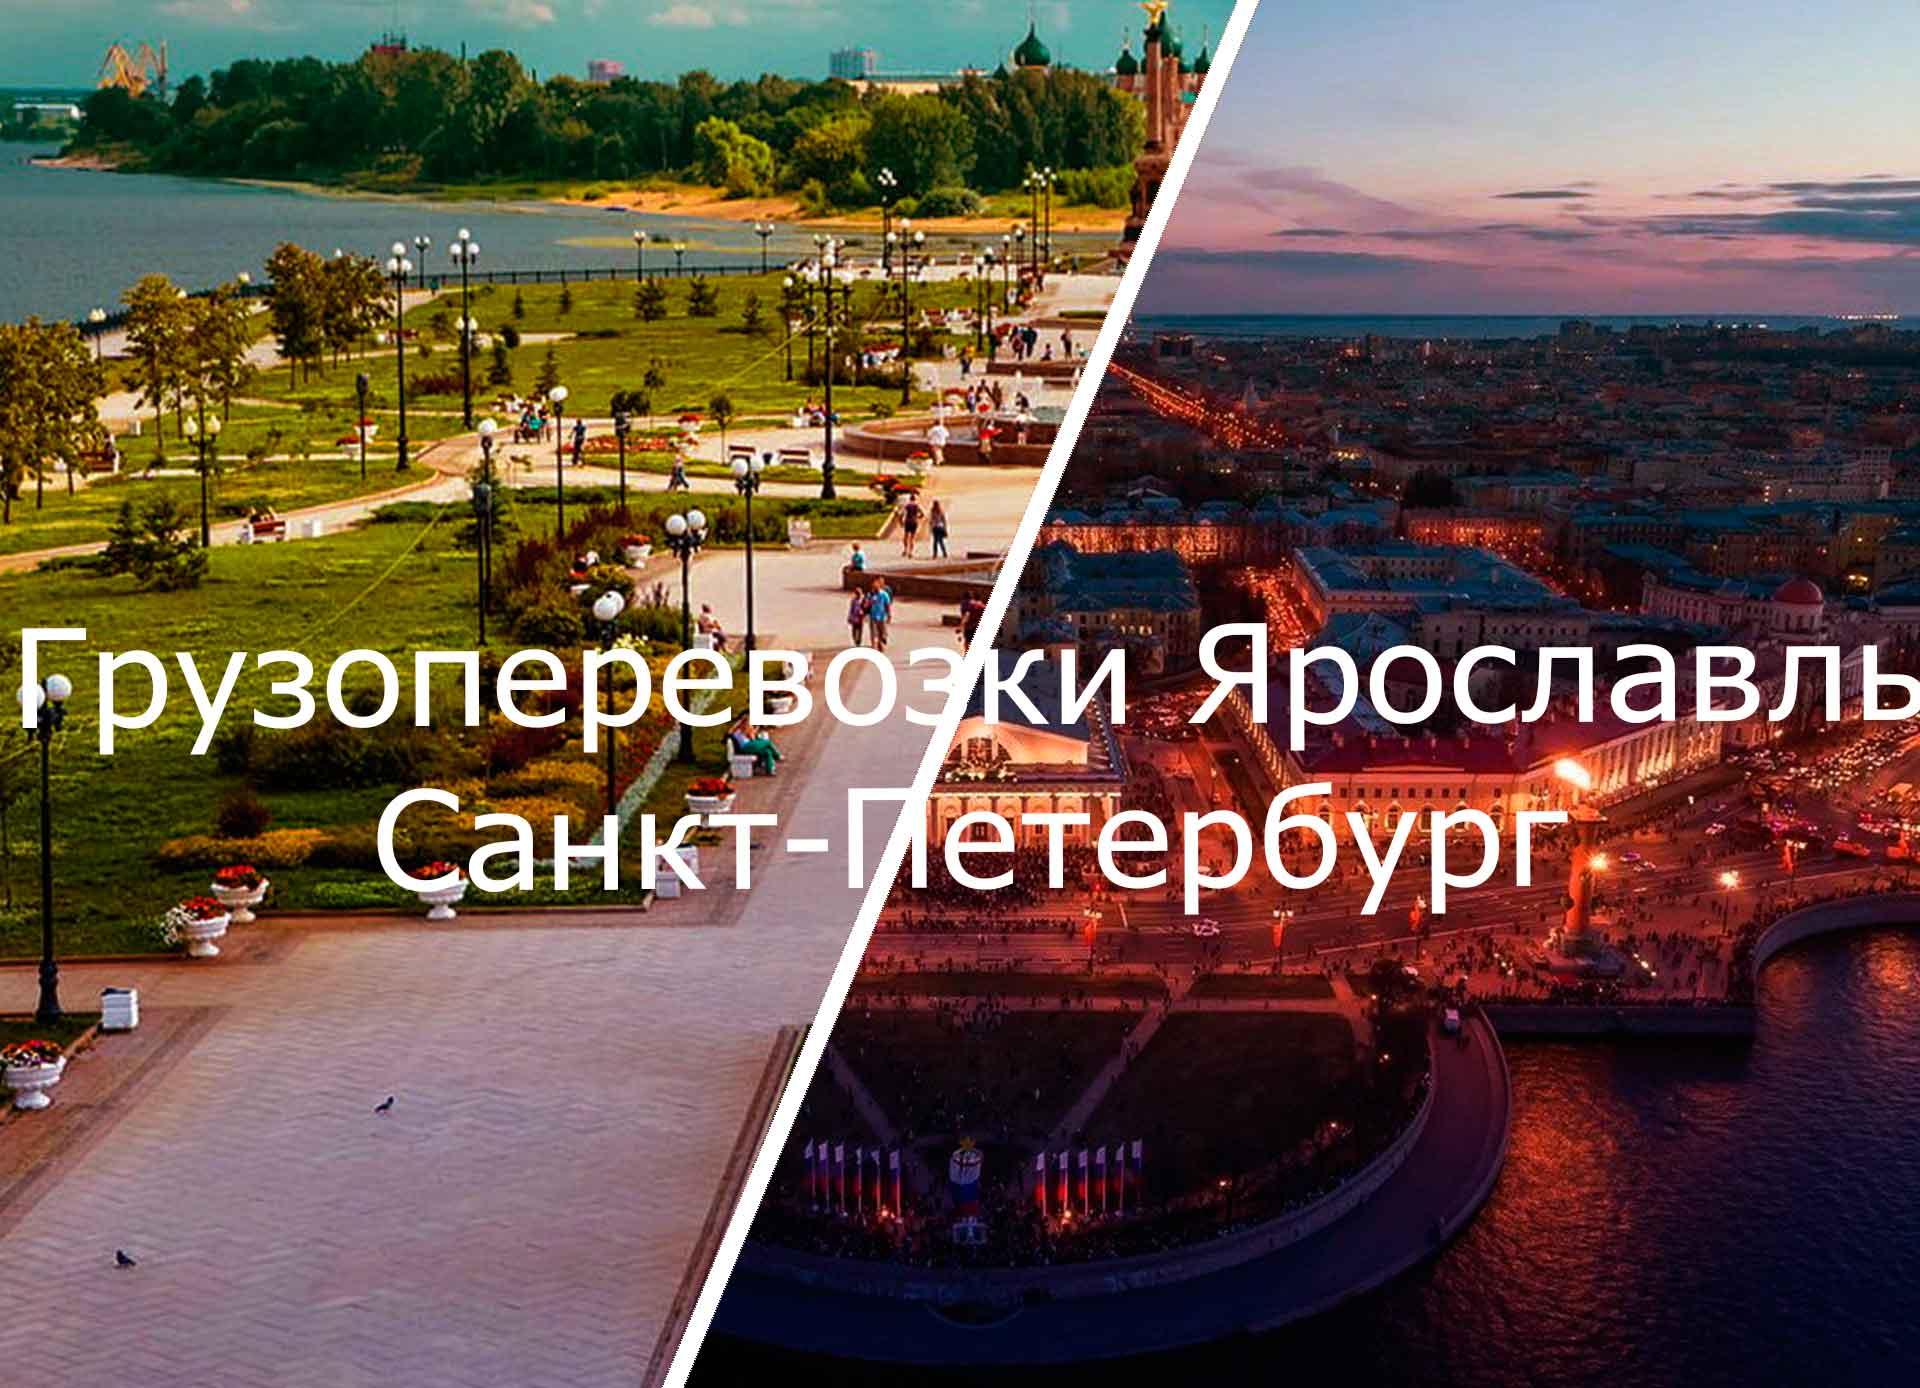 грузоперевозки ярославль санкт петербург